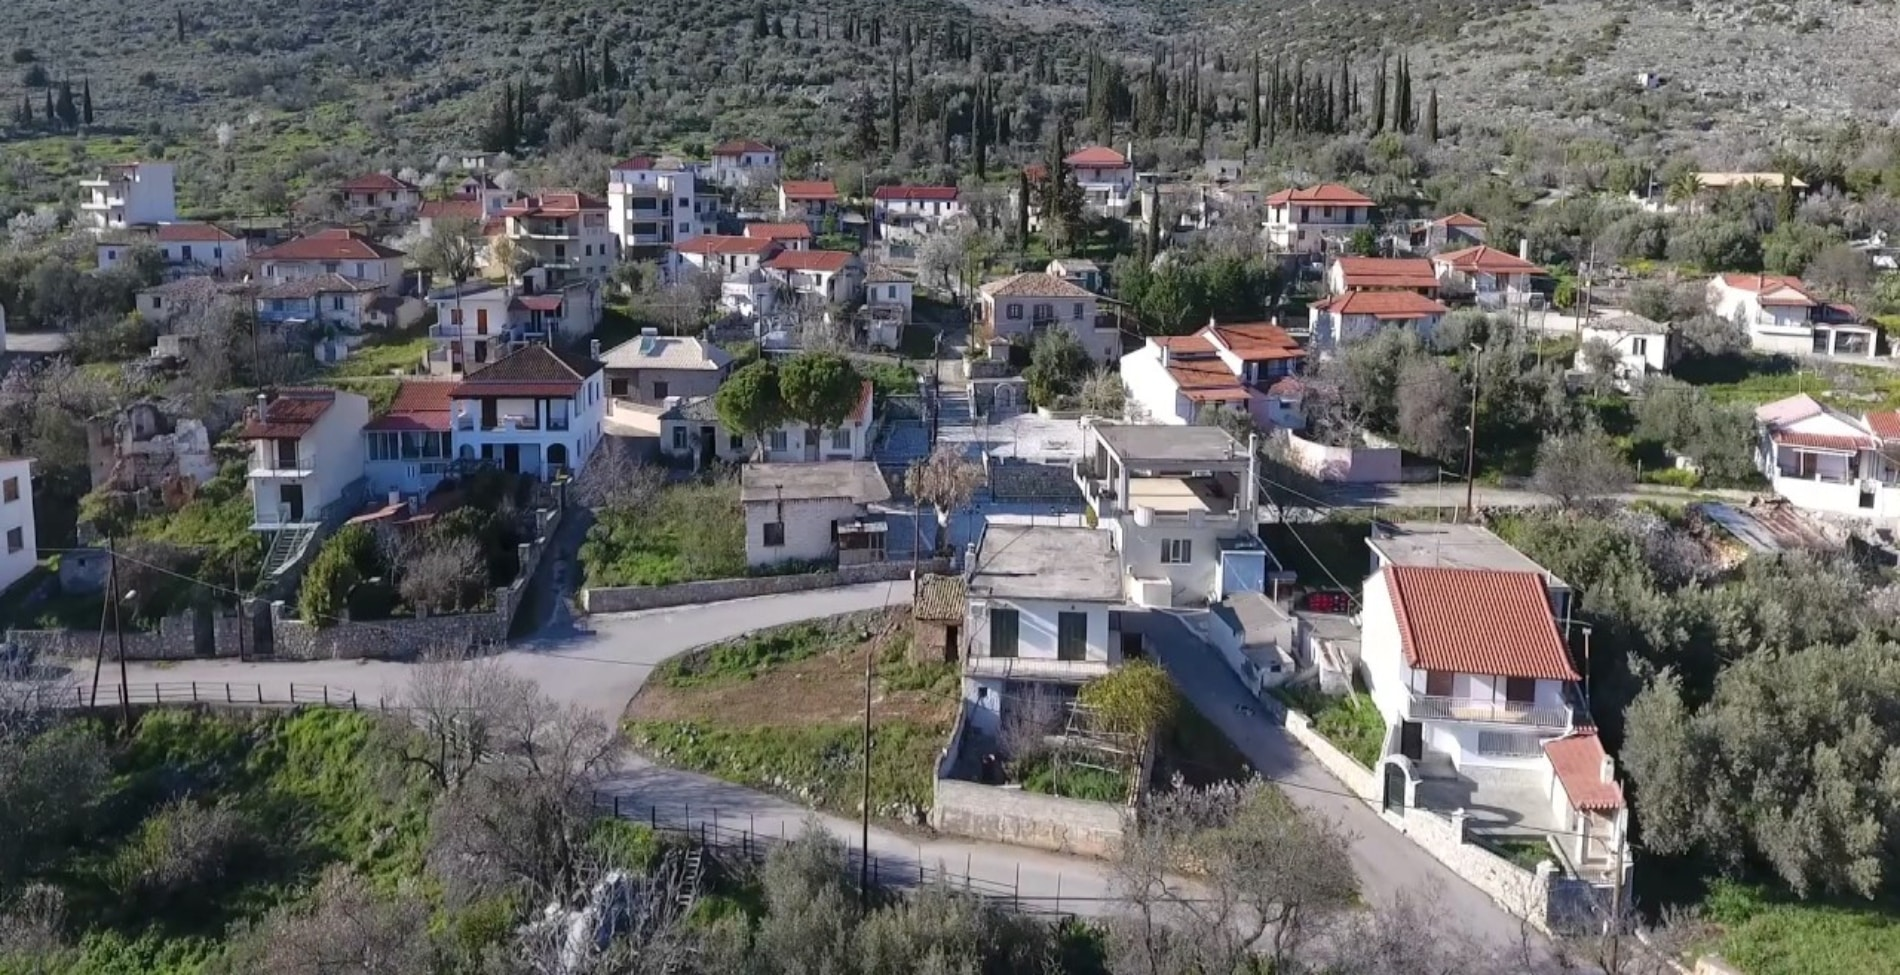 Αυτό το ελληνικό χωριό είναι στην πραγματικότητα η Κολοπετινίτσα1